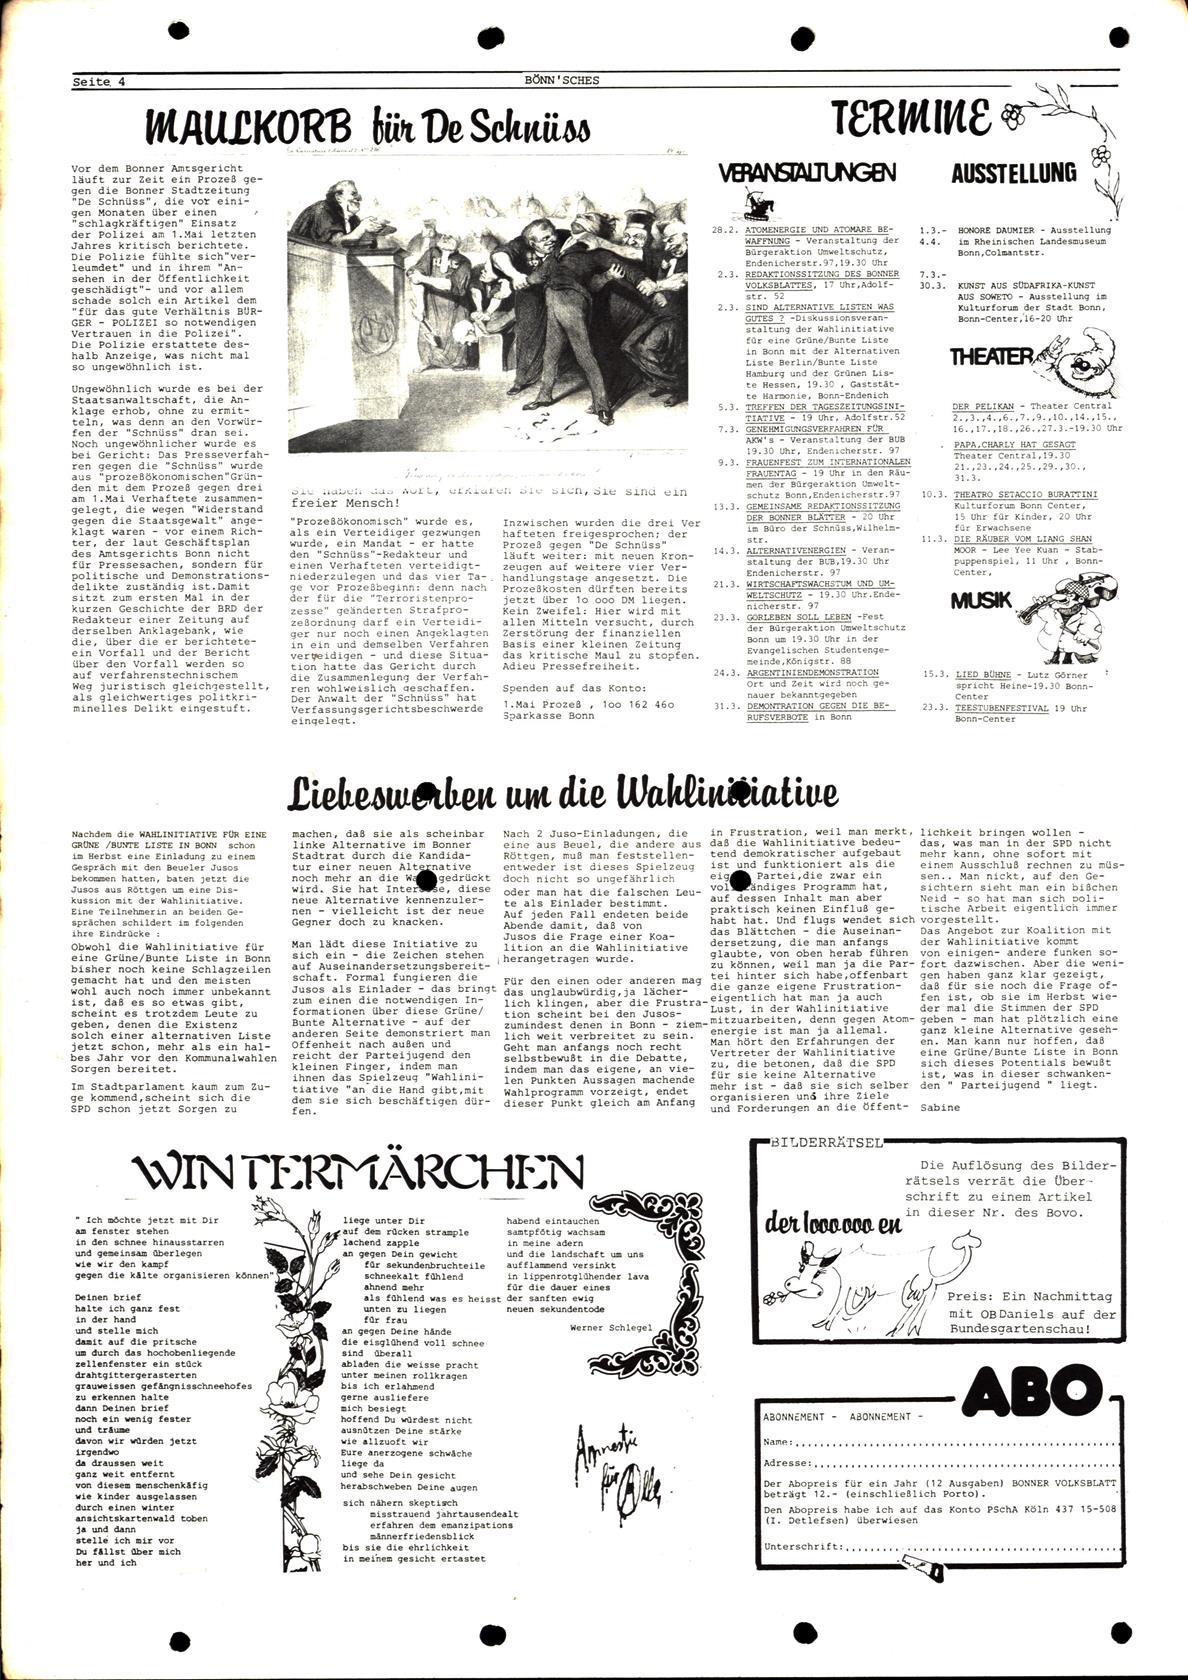 Bonner_Volksblatt_22_19790228_04